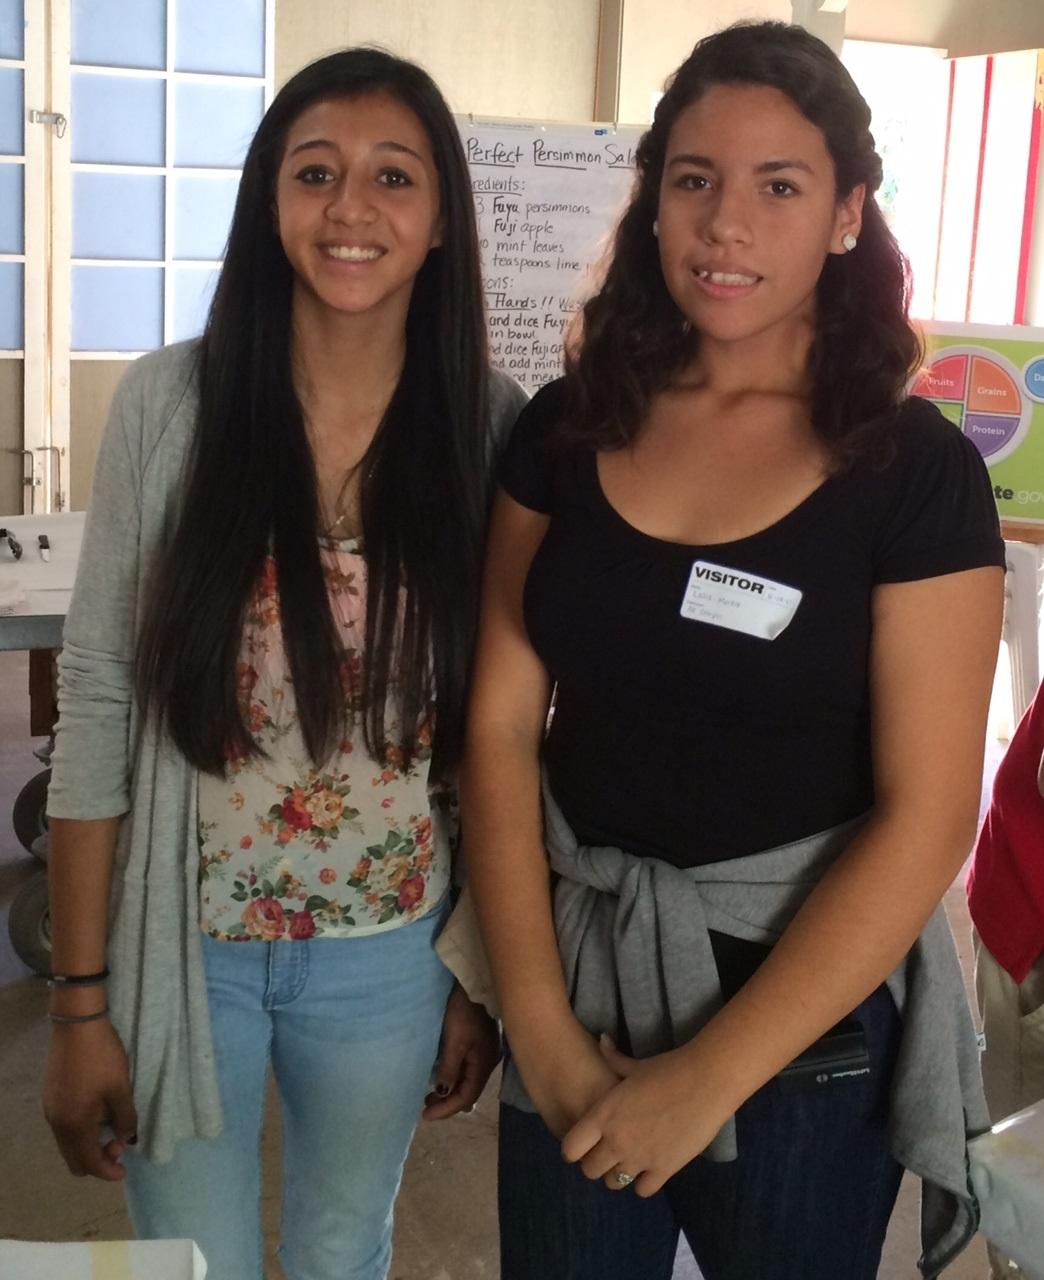 Briggs School 8th Graders Cap Off Food System Study Unit At Harec